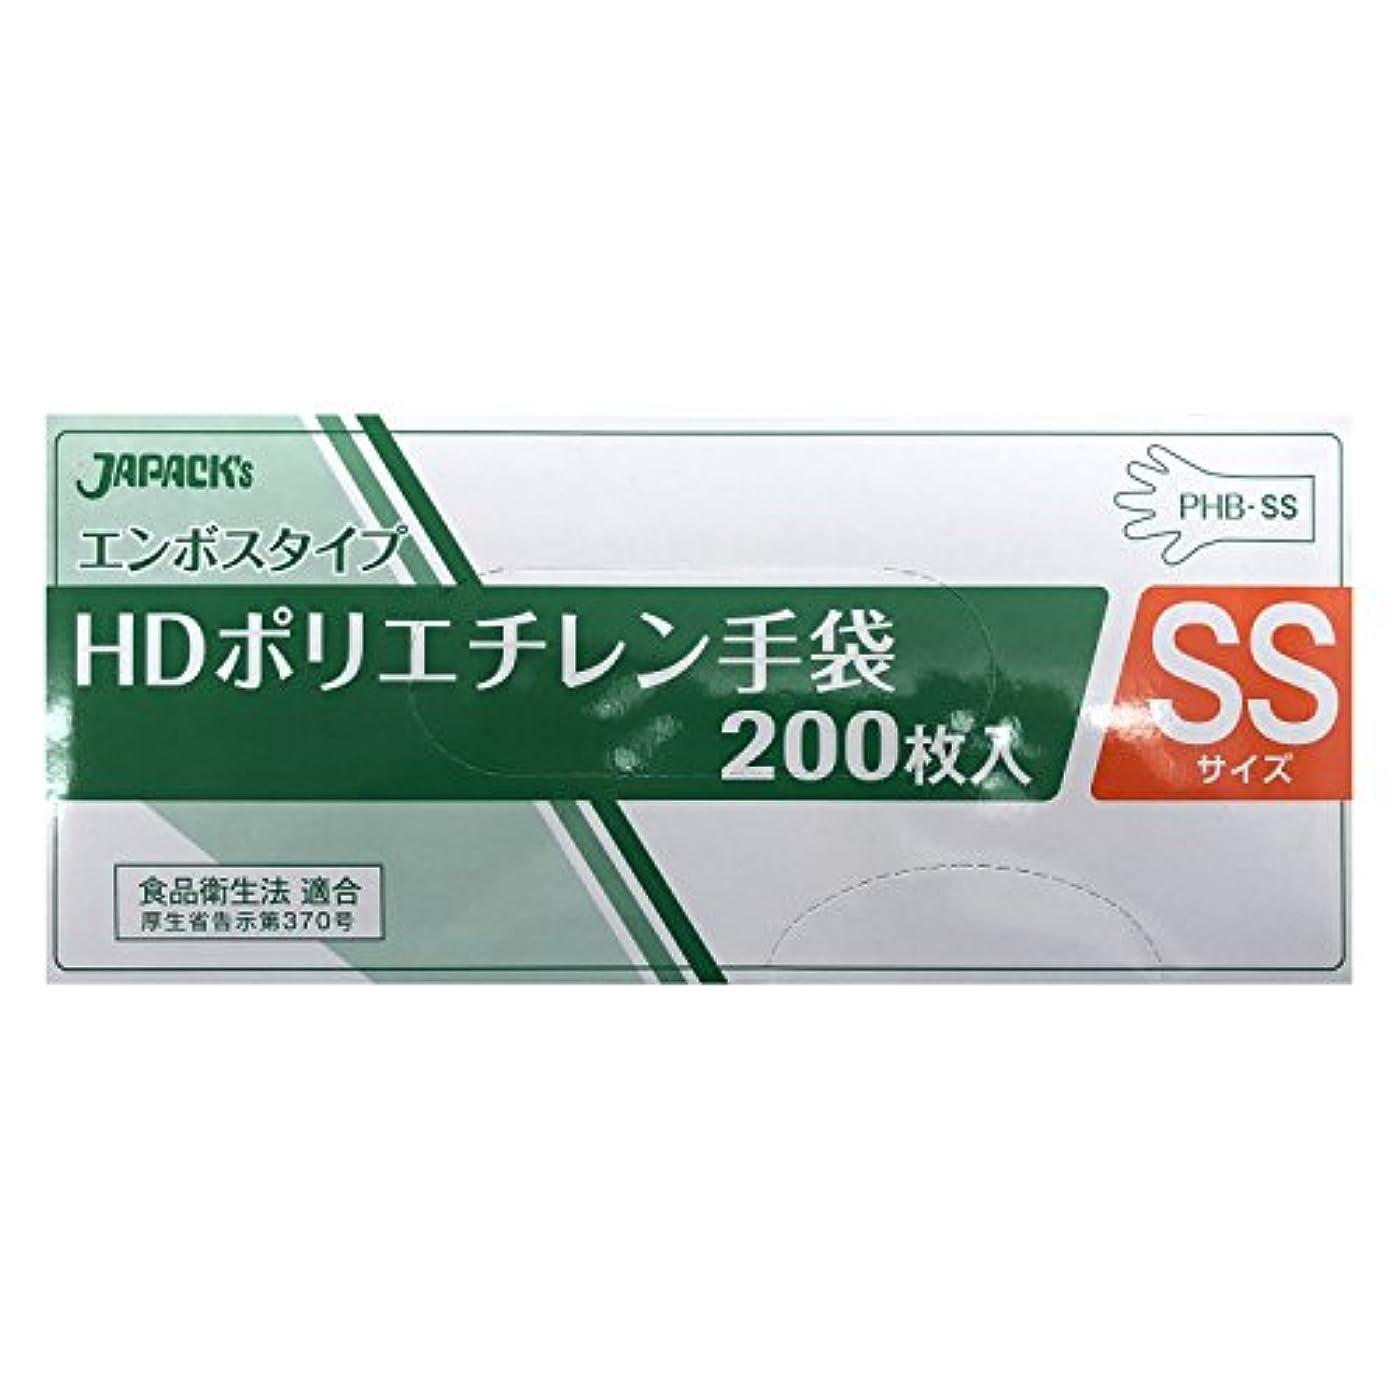 に渡って崇拝します赤エンボスタイプ HDポリエチレン手袋 SSサイズ BOX 200枚入 無着色 PHB-SS